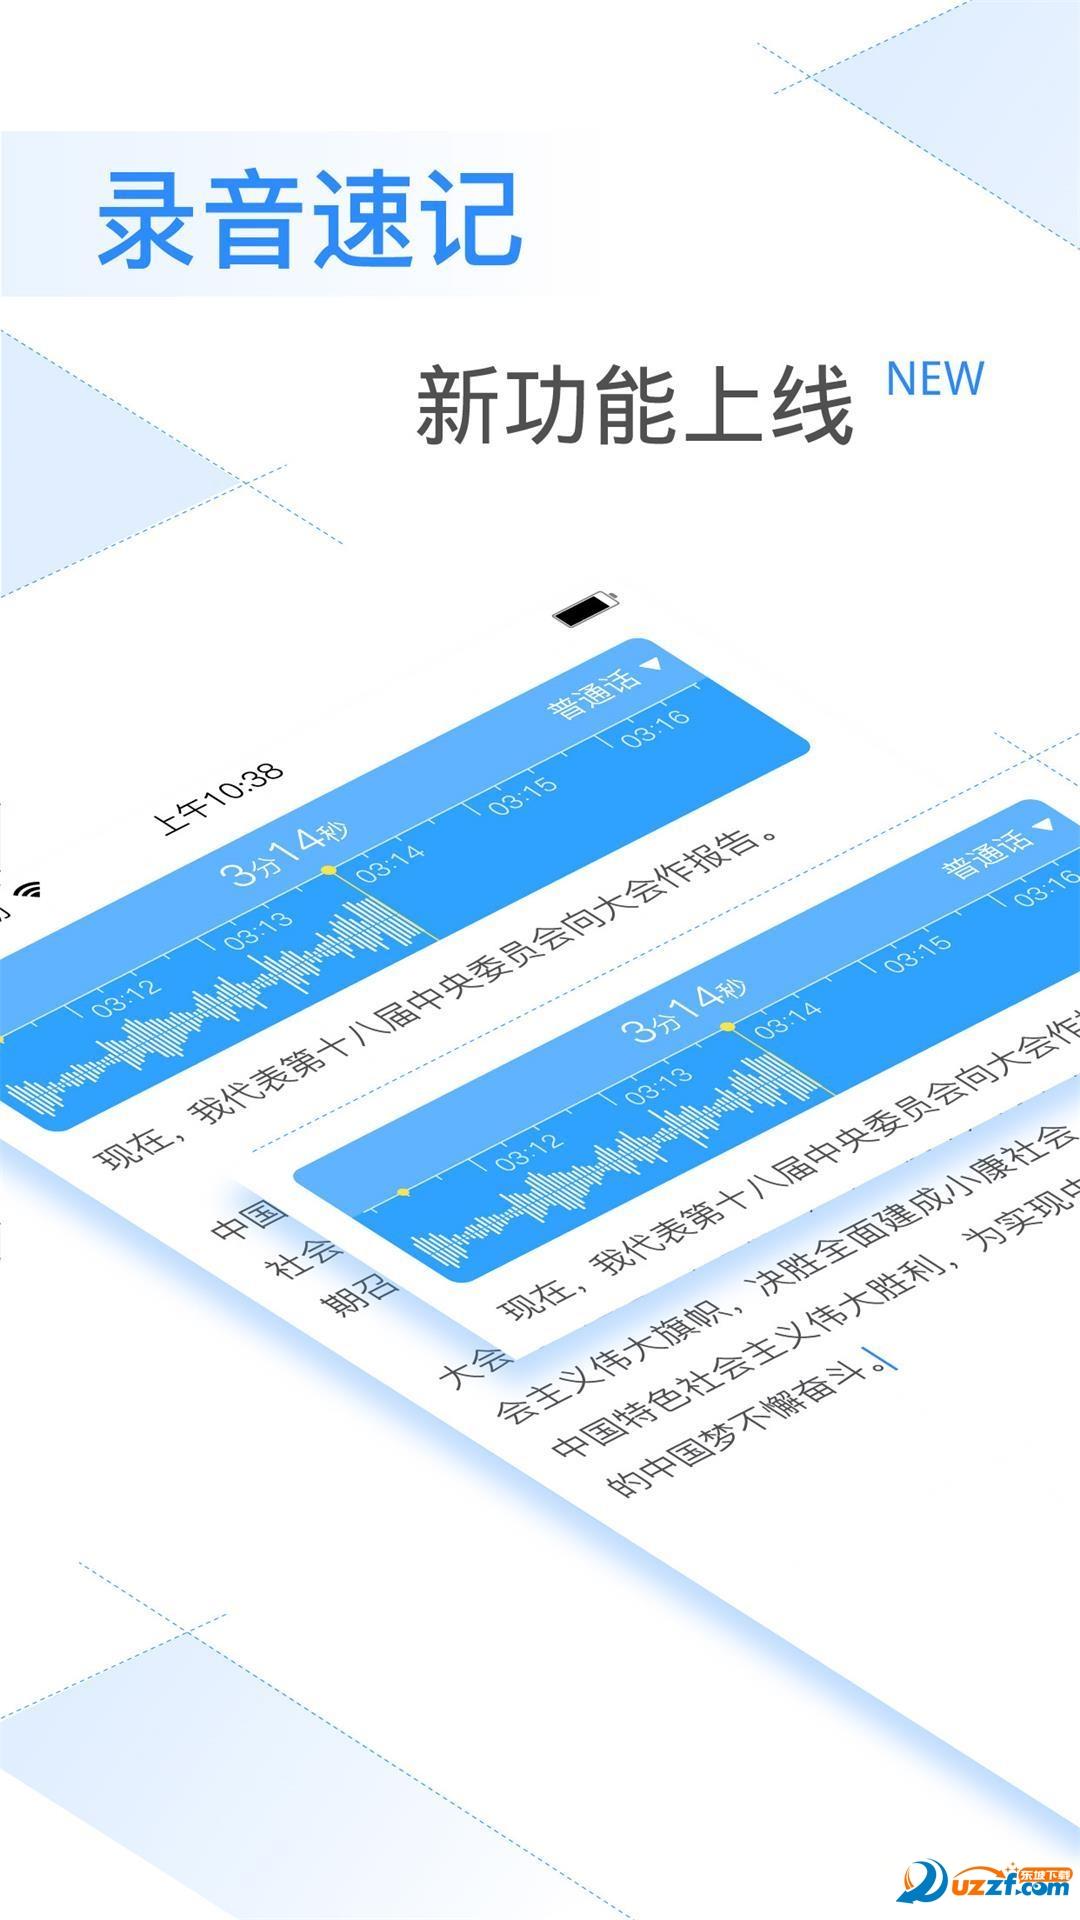 讯飞语记手机客户端截图